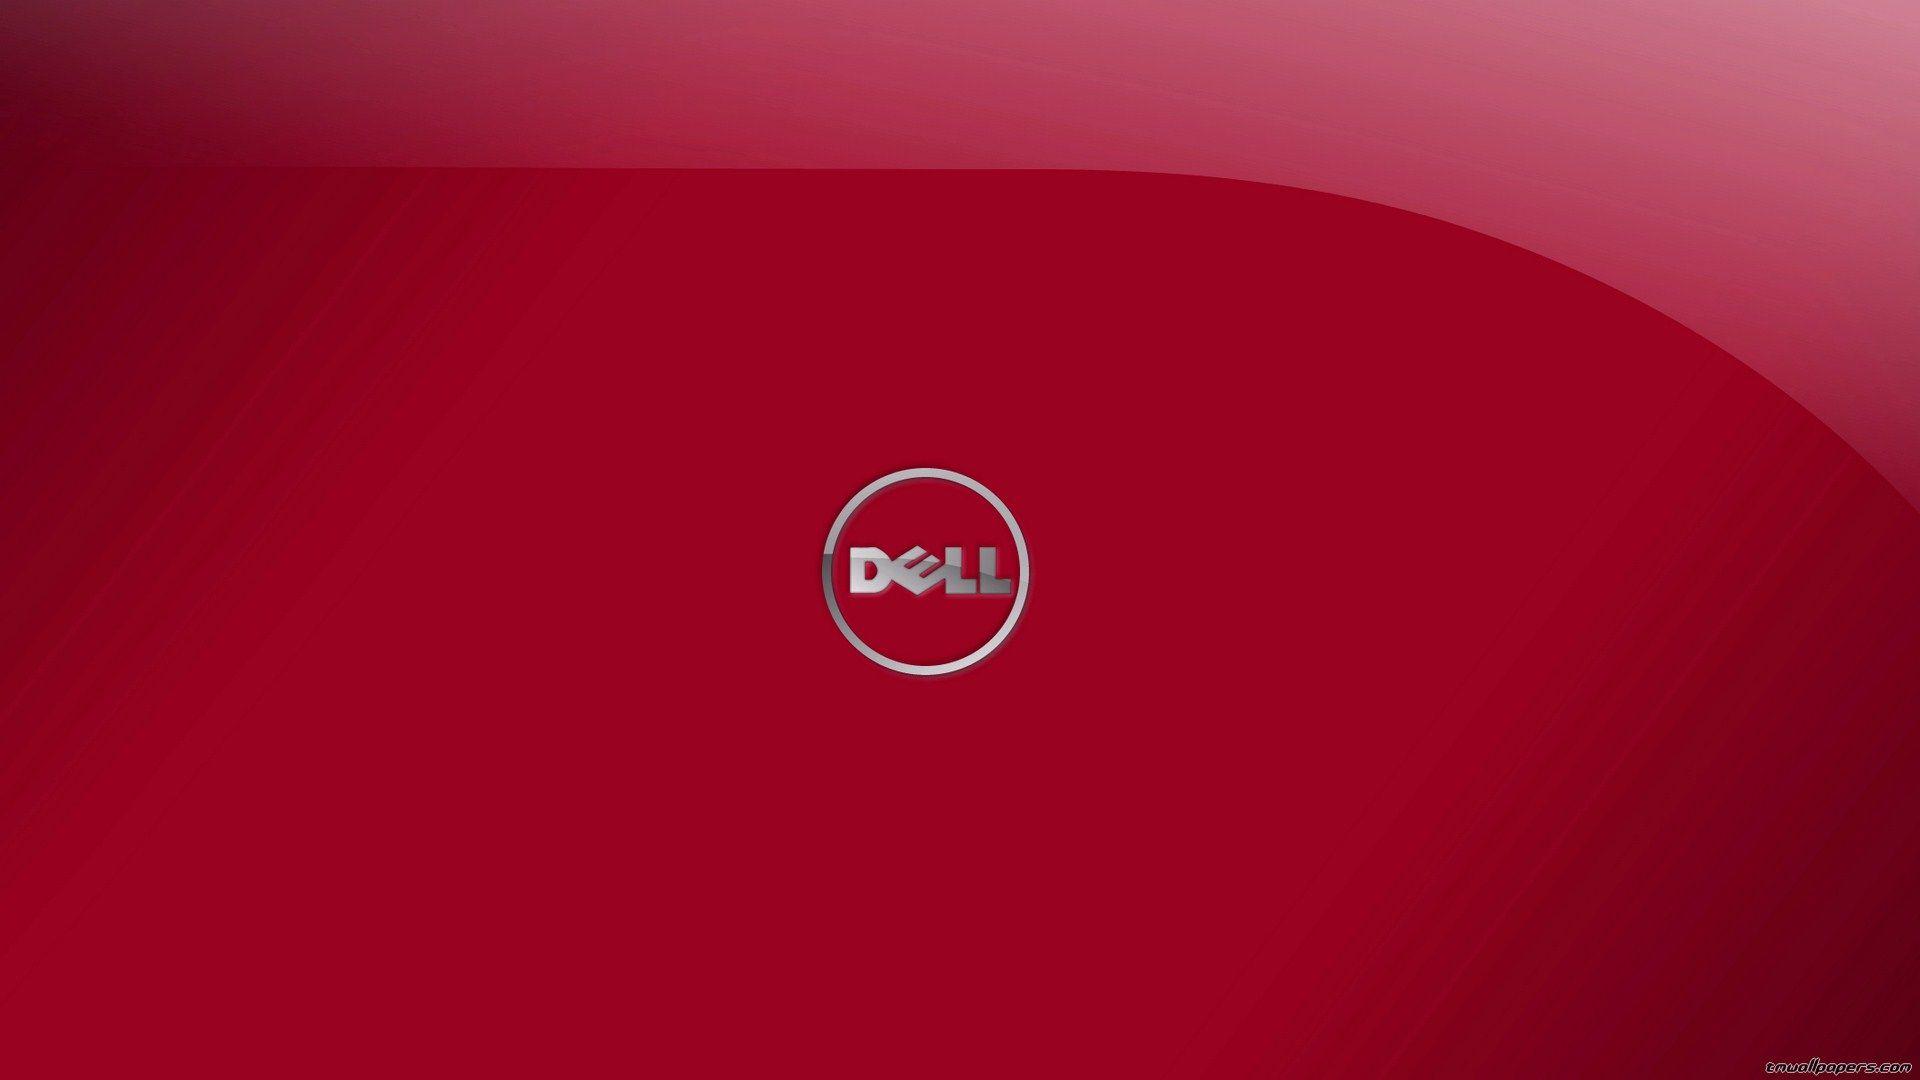 Dell picture wallpaper